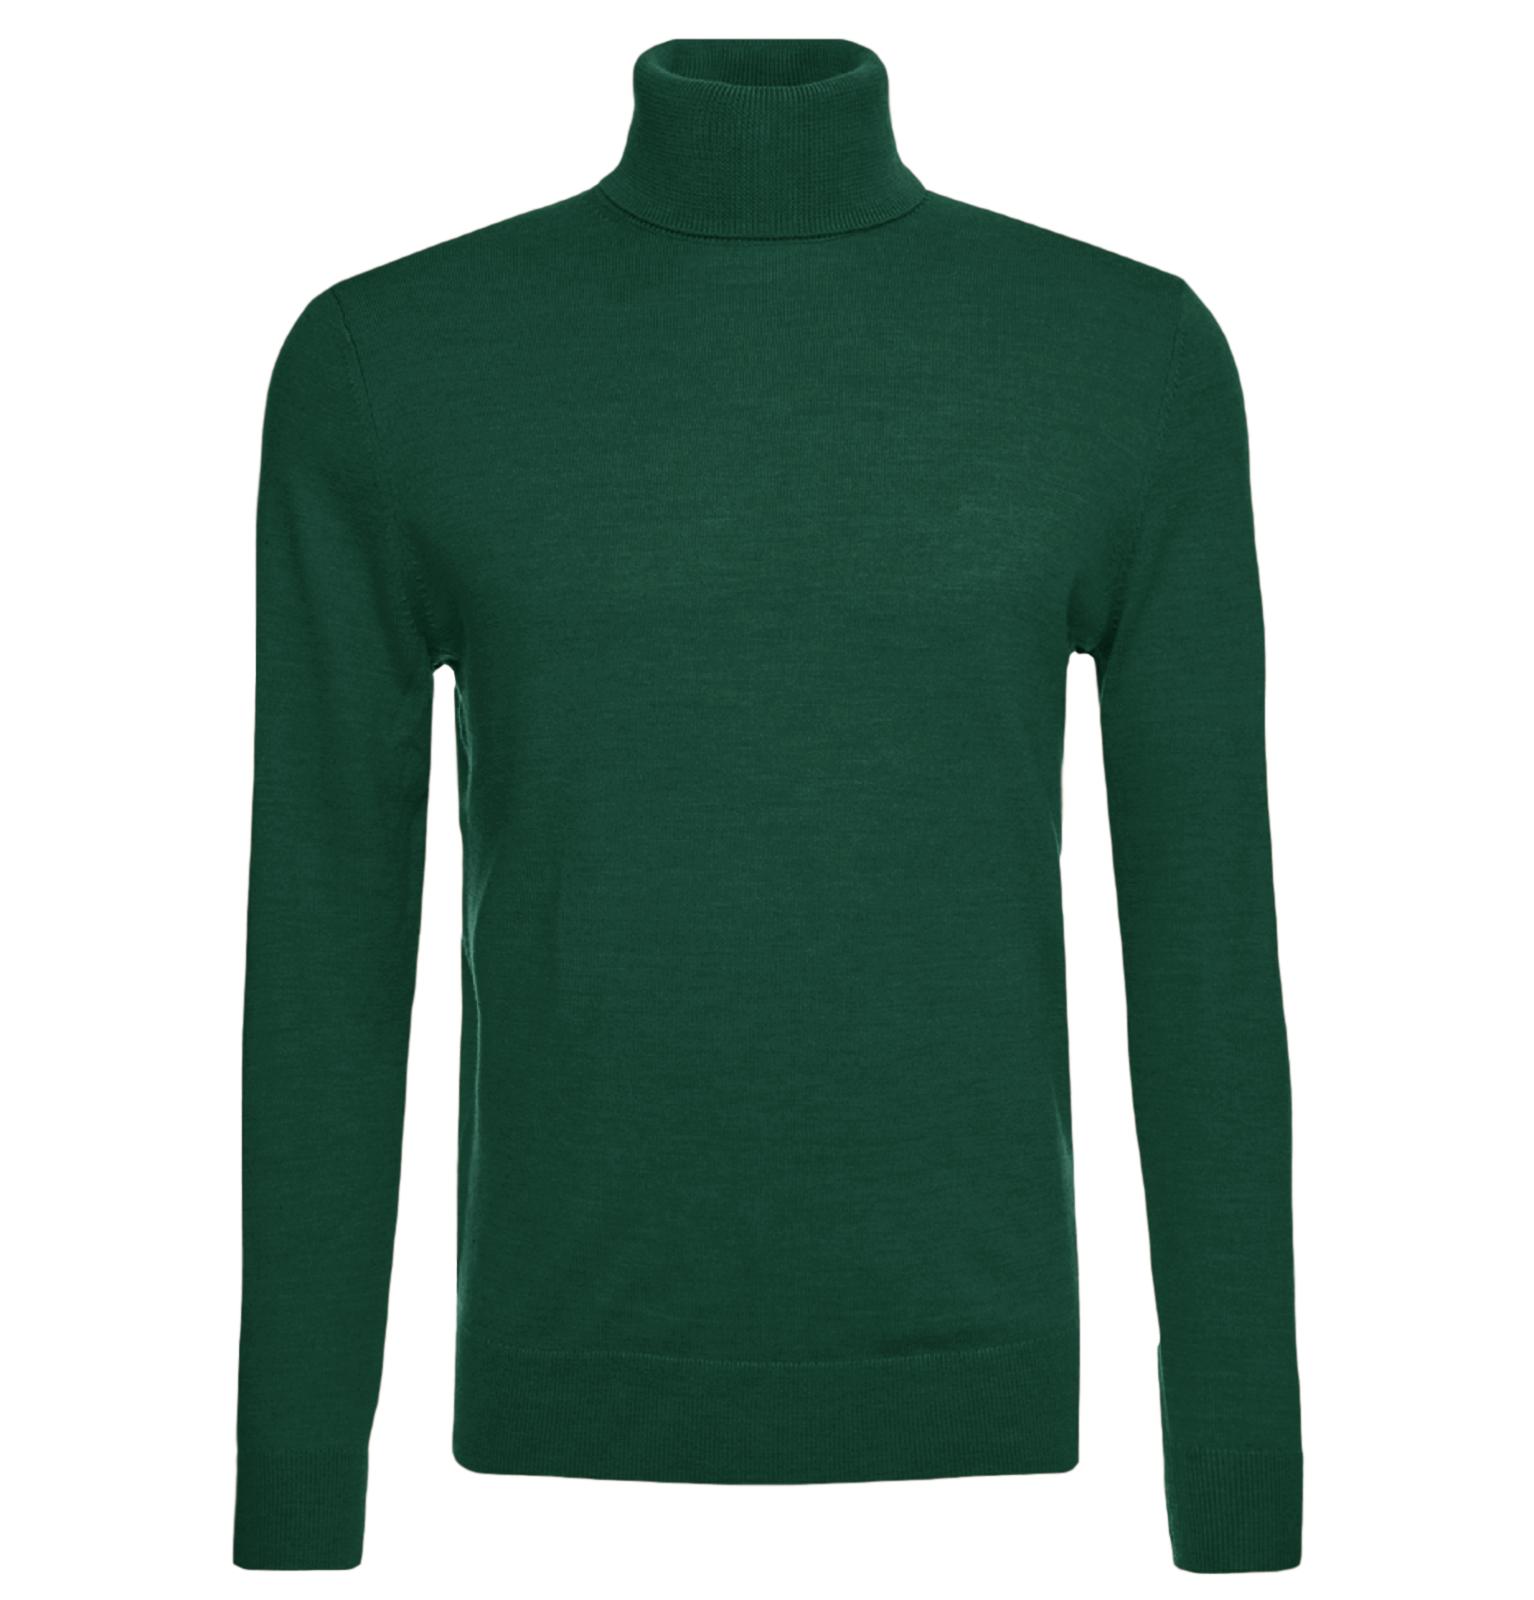 Maglione-Uomo-Collo-Alto-Lana-Slim-Fit-Maglia-Blu-verde-nero-Dolce-Vita miniatura 14